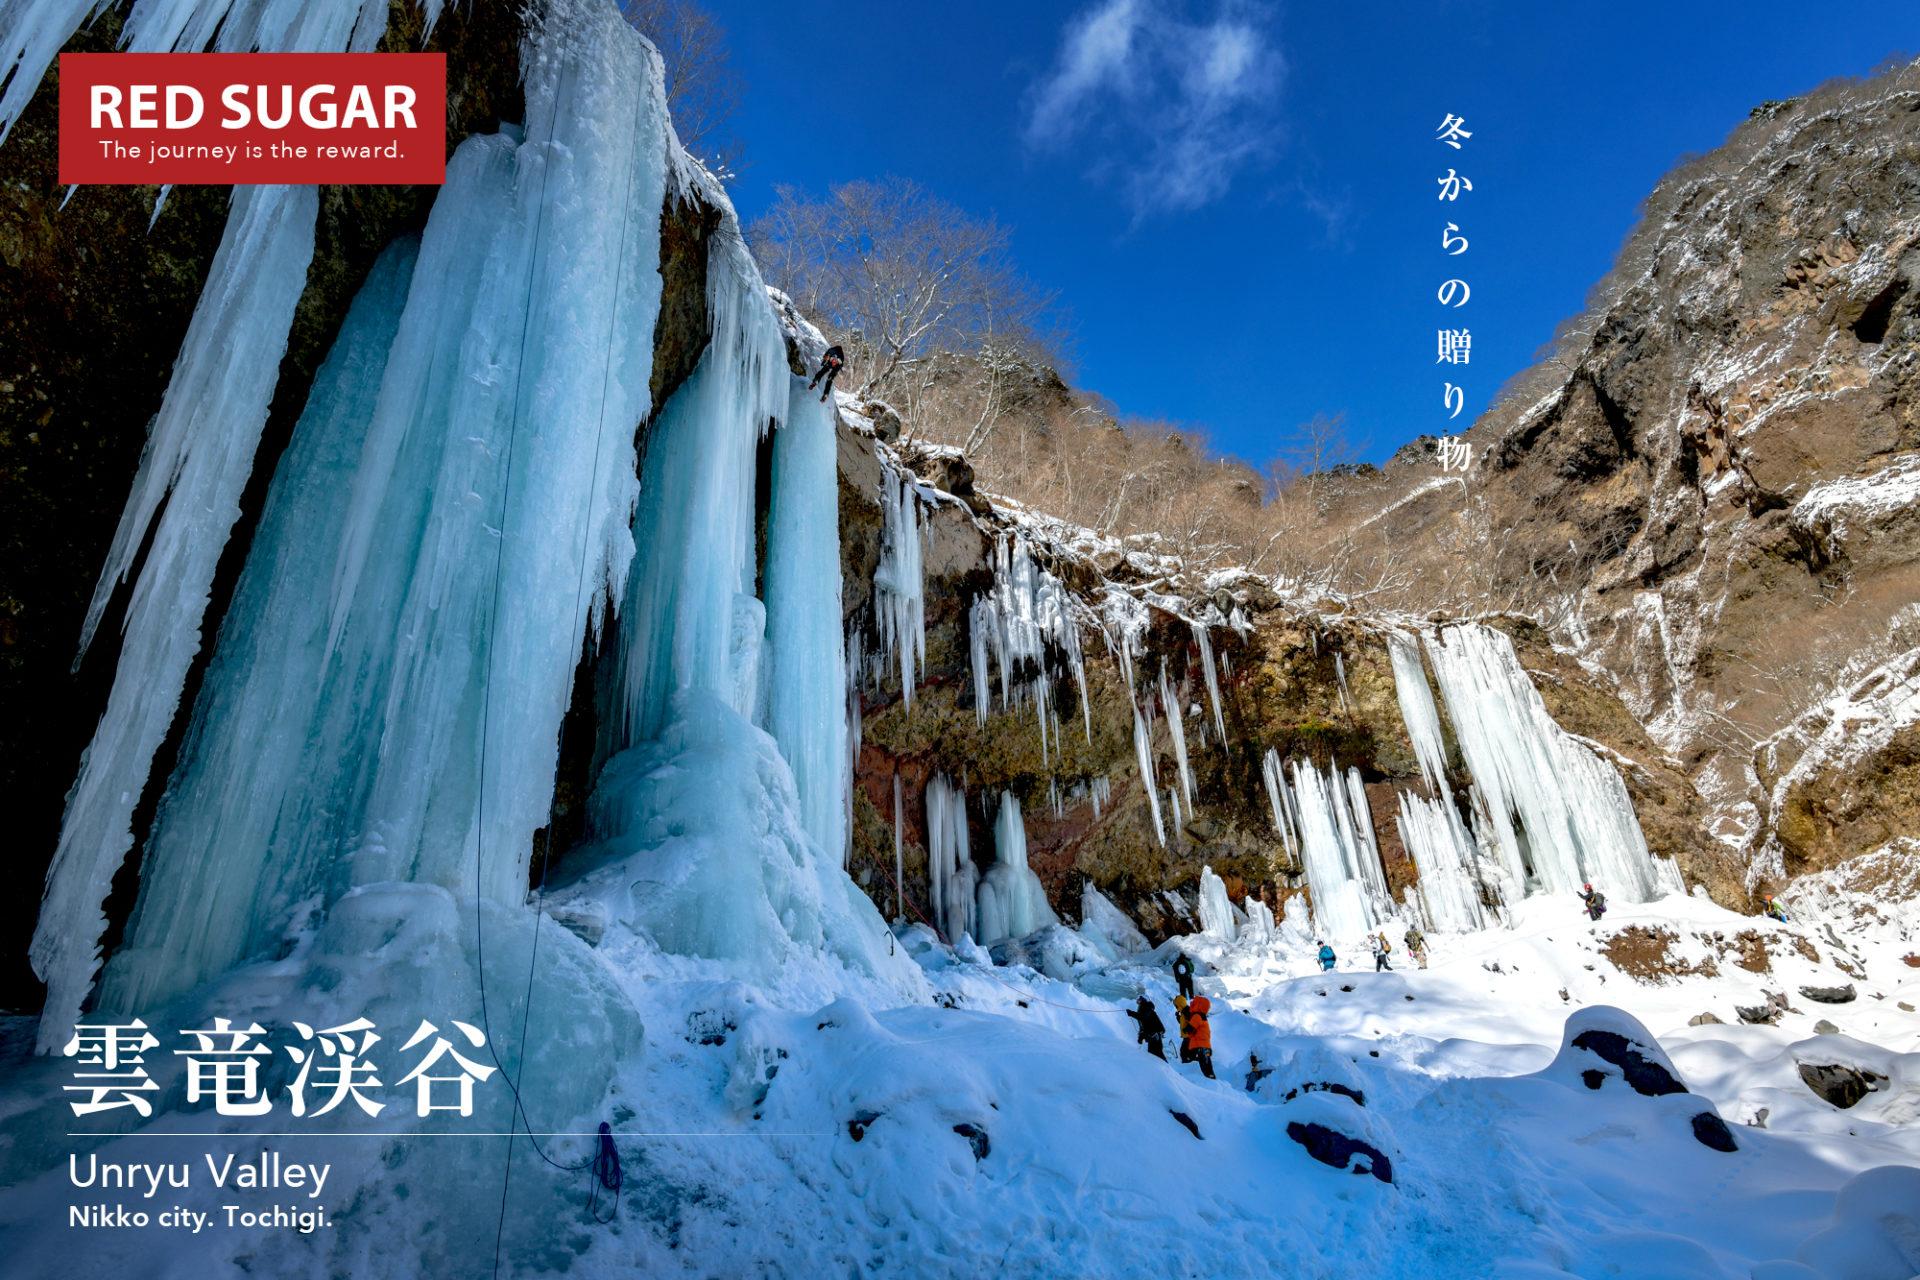 【北関東】雲竜渓谷、連なる巨大氷柱と雲竜氷瀑の天然氷を食す日帰り登山